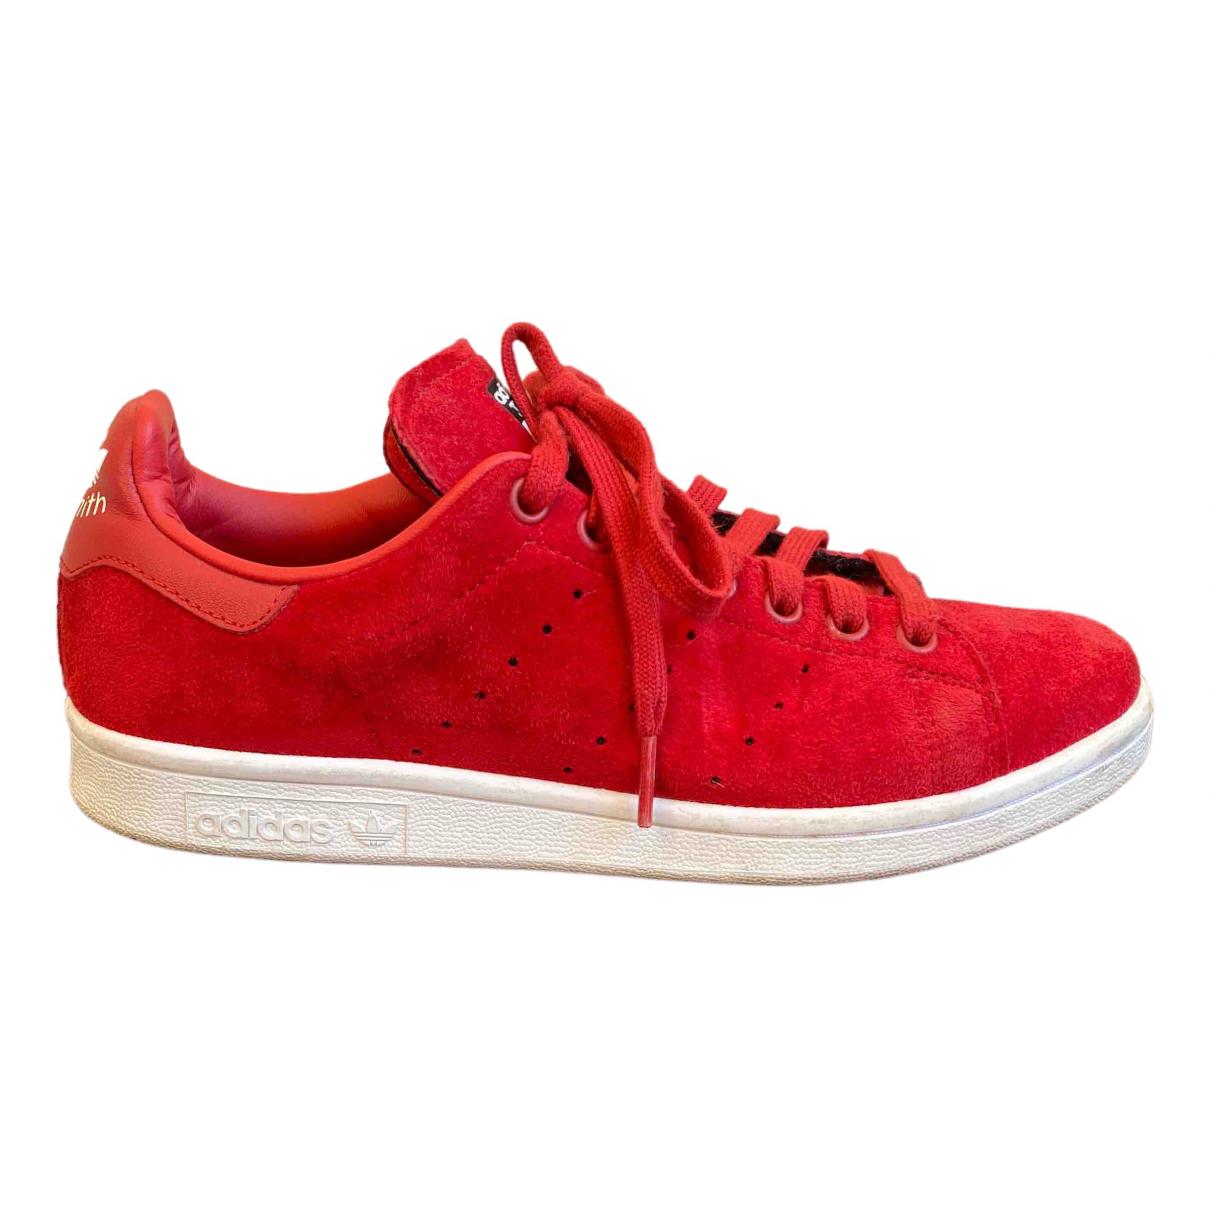 Adidas - Baskets Stan Smith pour femme en suede - rouge